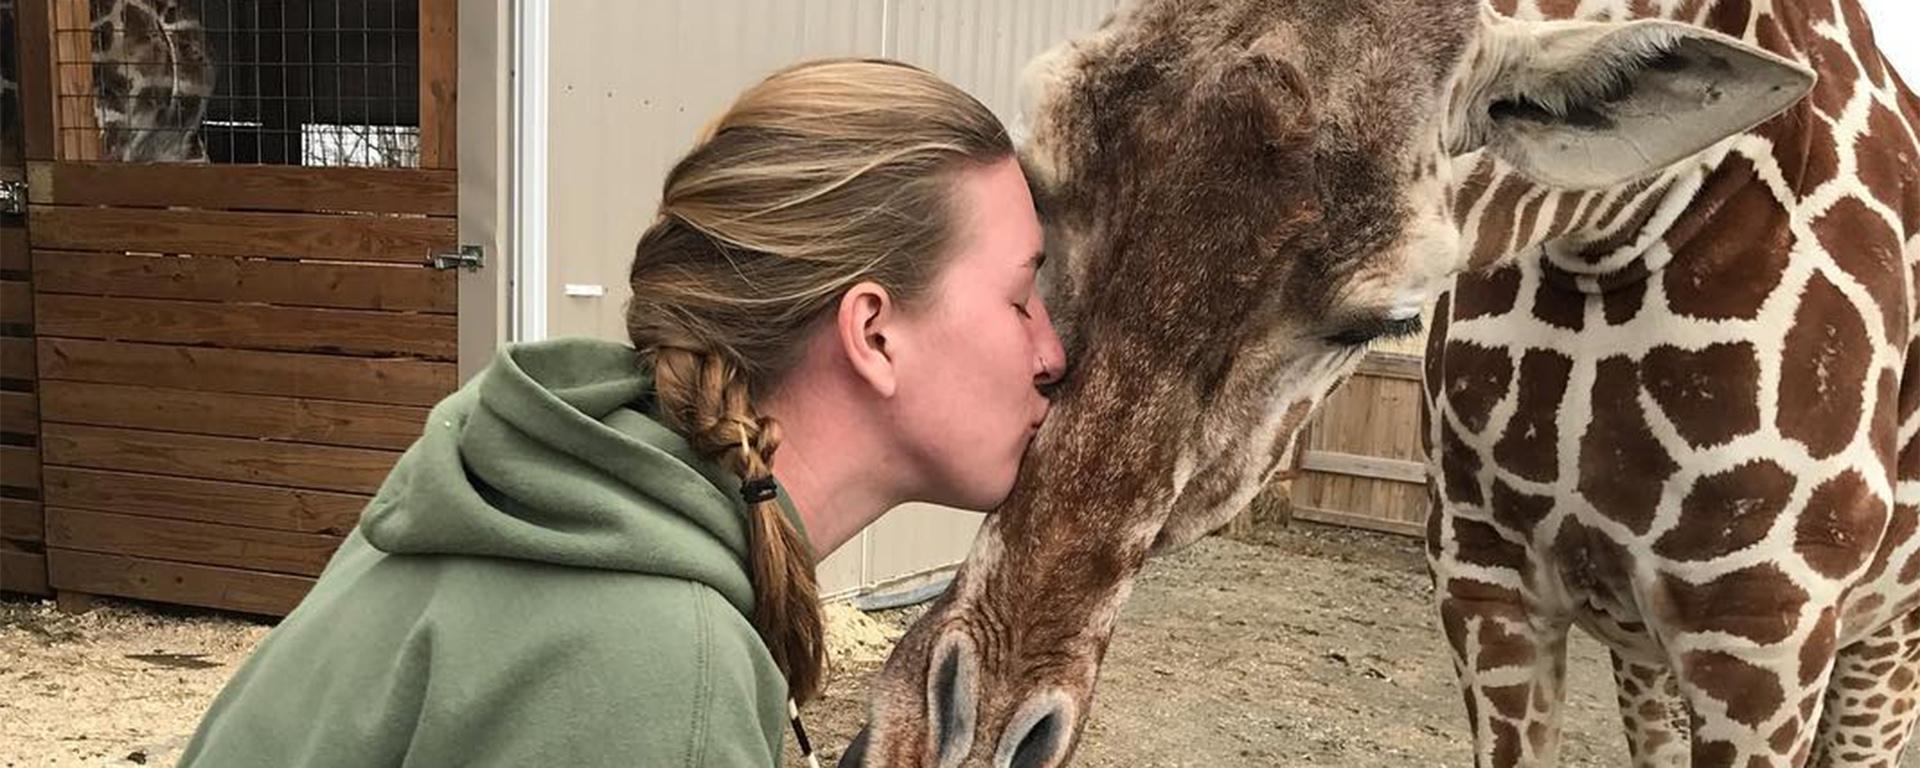 Allysa Swilley kissing giraffe